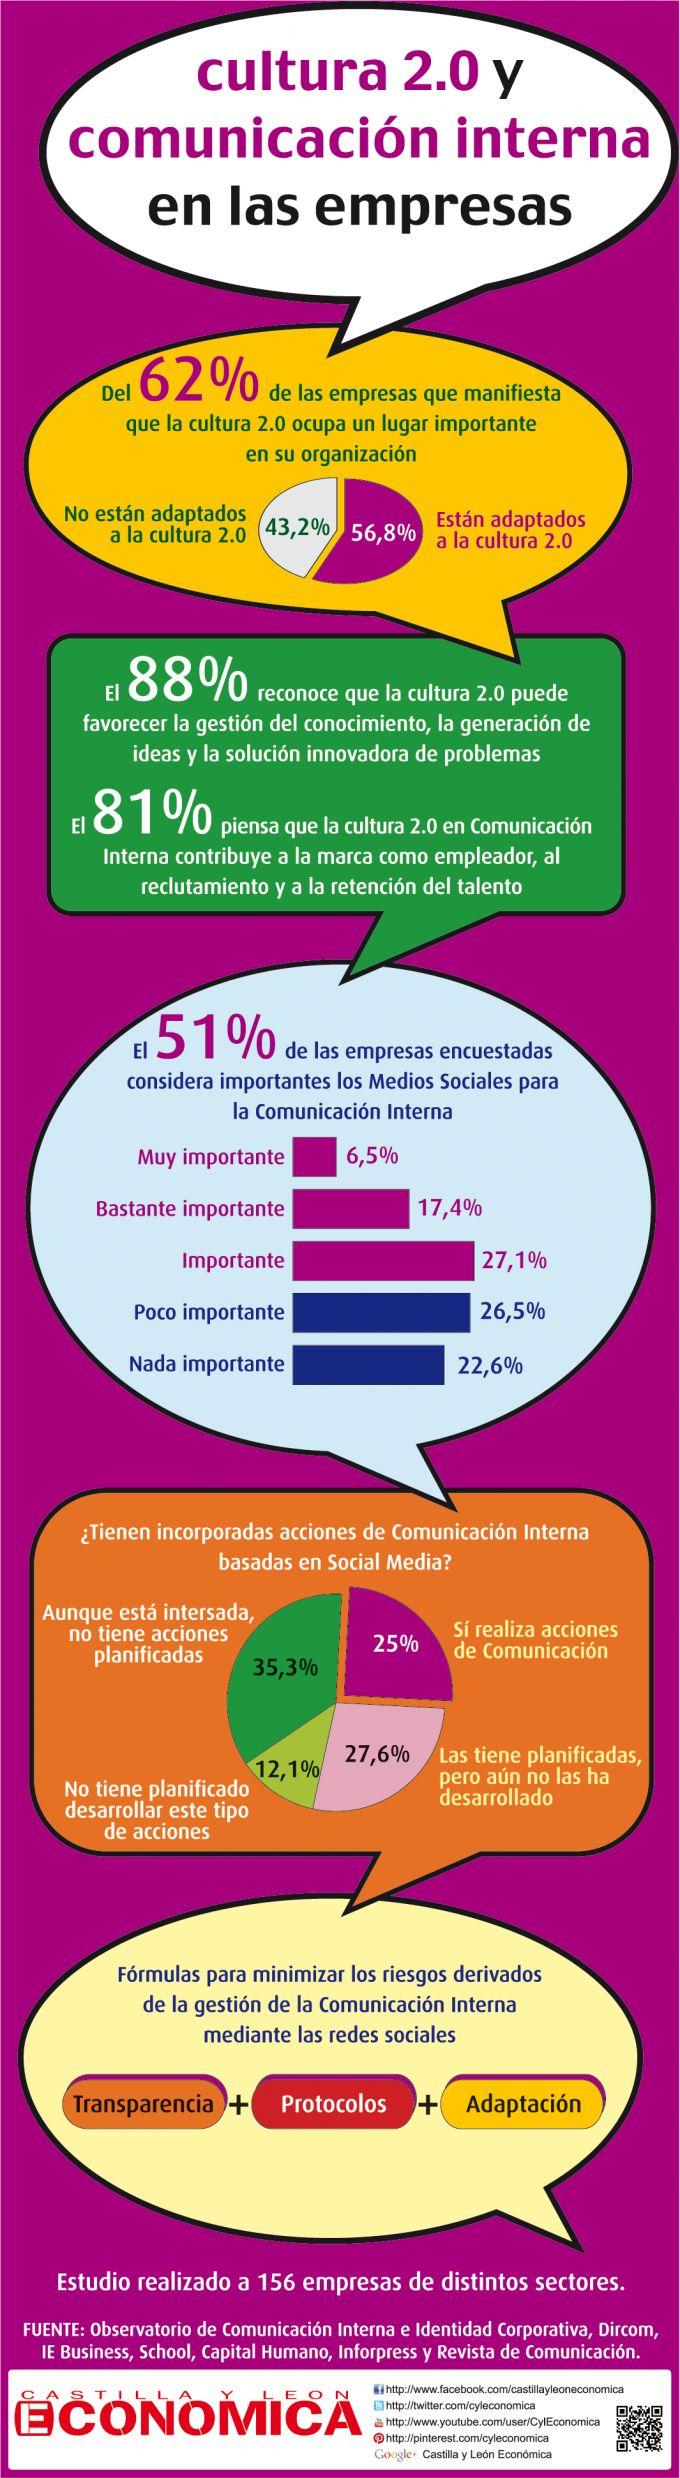 Cultura 2.0 y comunicación interna en las empresas #infografia #infographic #socialmedia